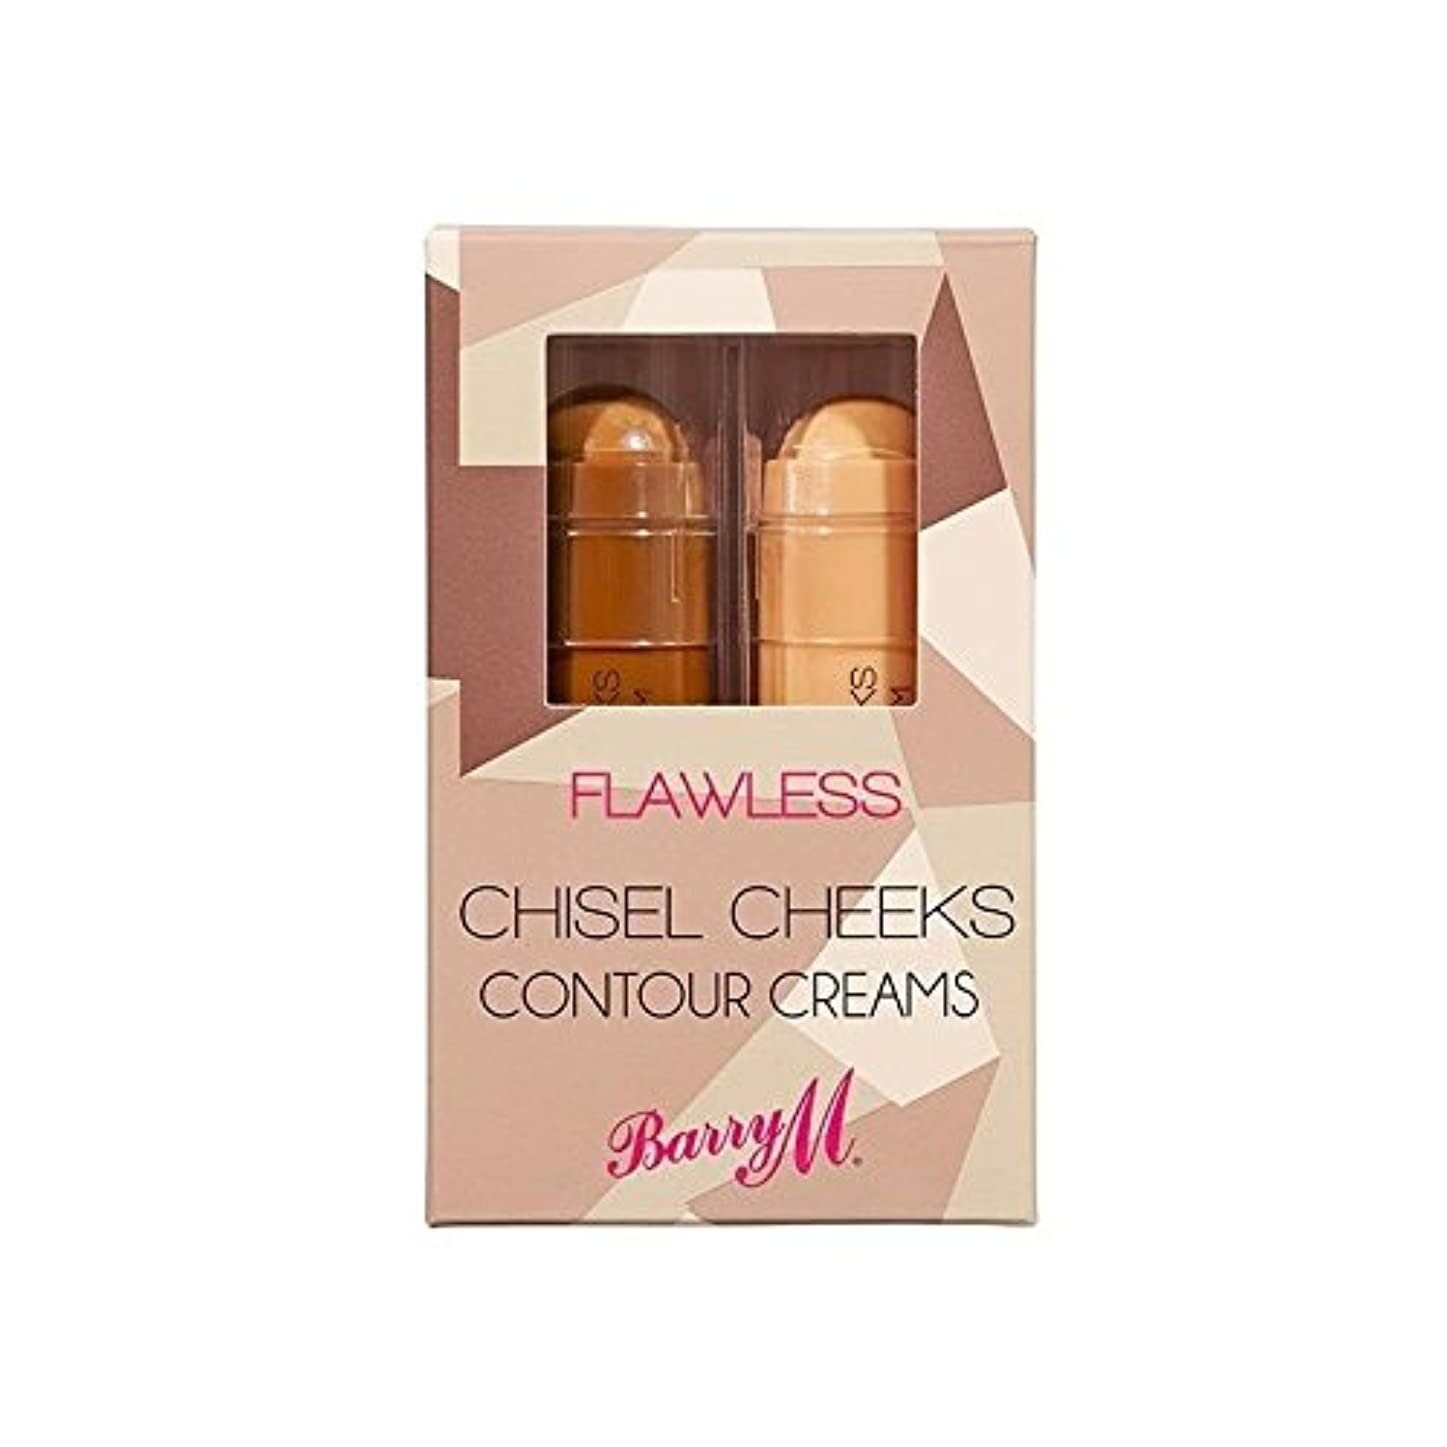 爪十年先史時代のBarry M Chisel Cheek Contour Creams - バリーメートルチゼル頬の輪郭クリーム [並行輸入品]